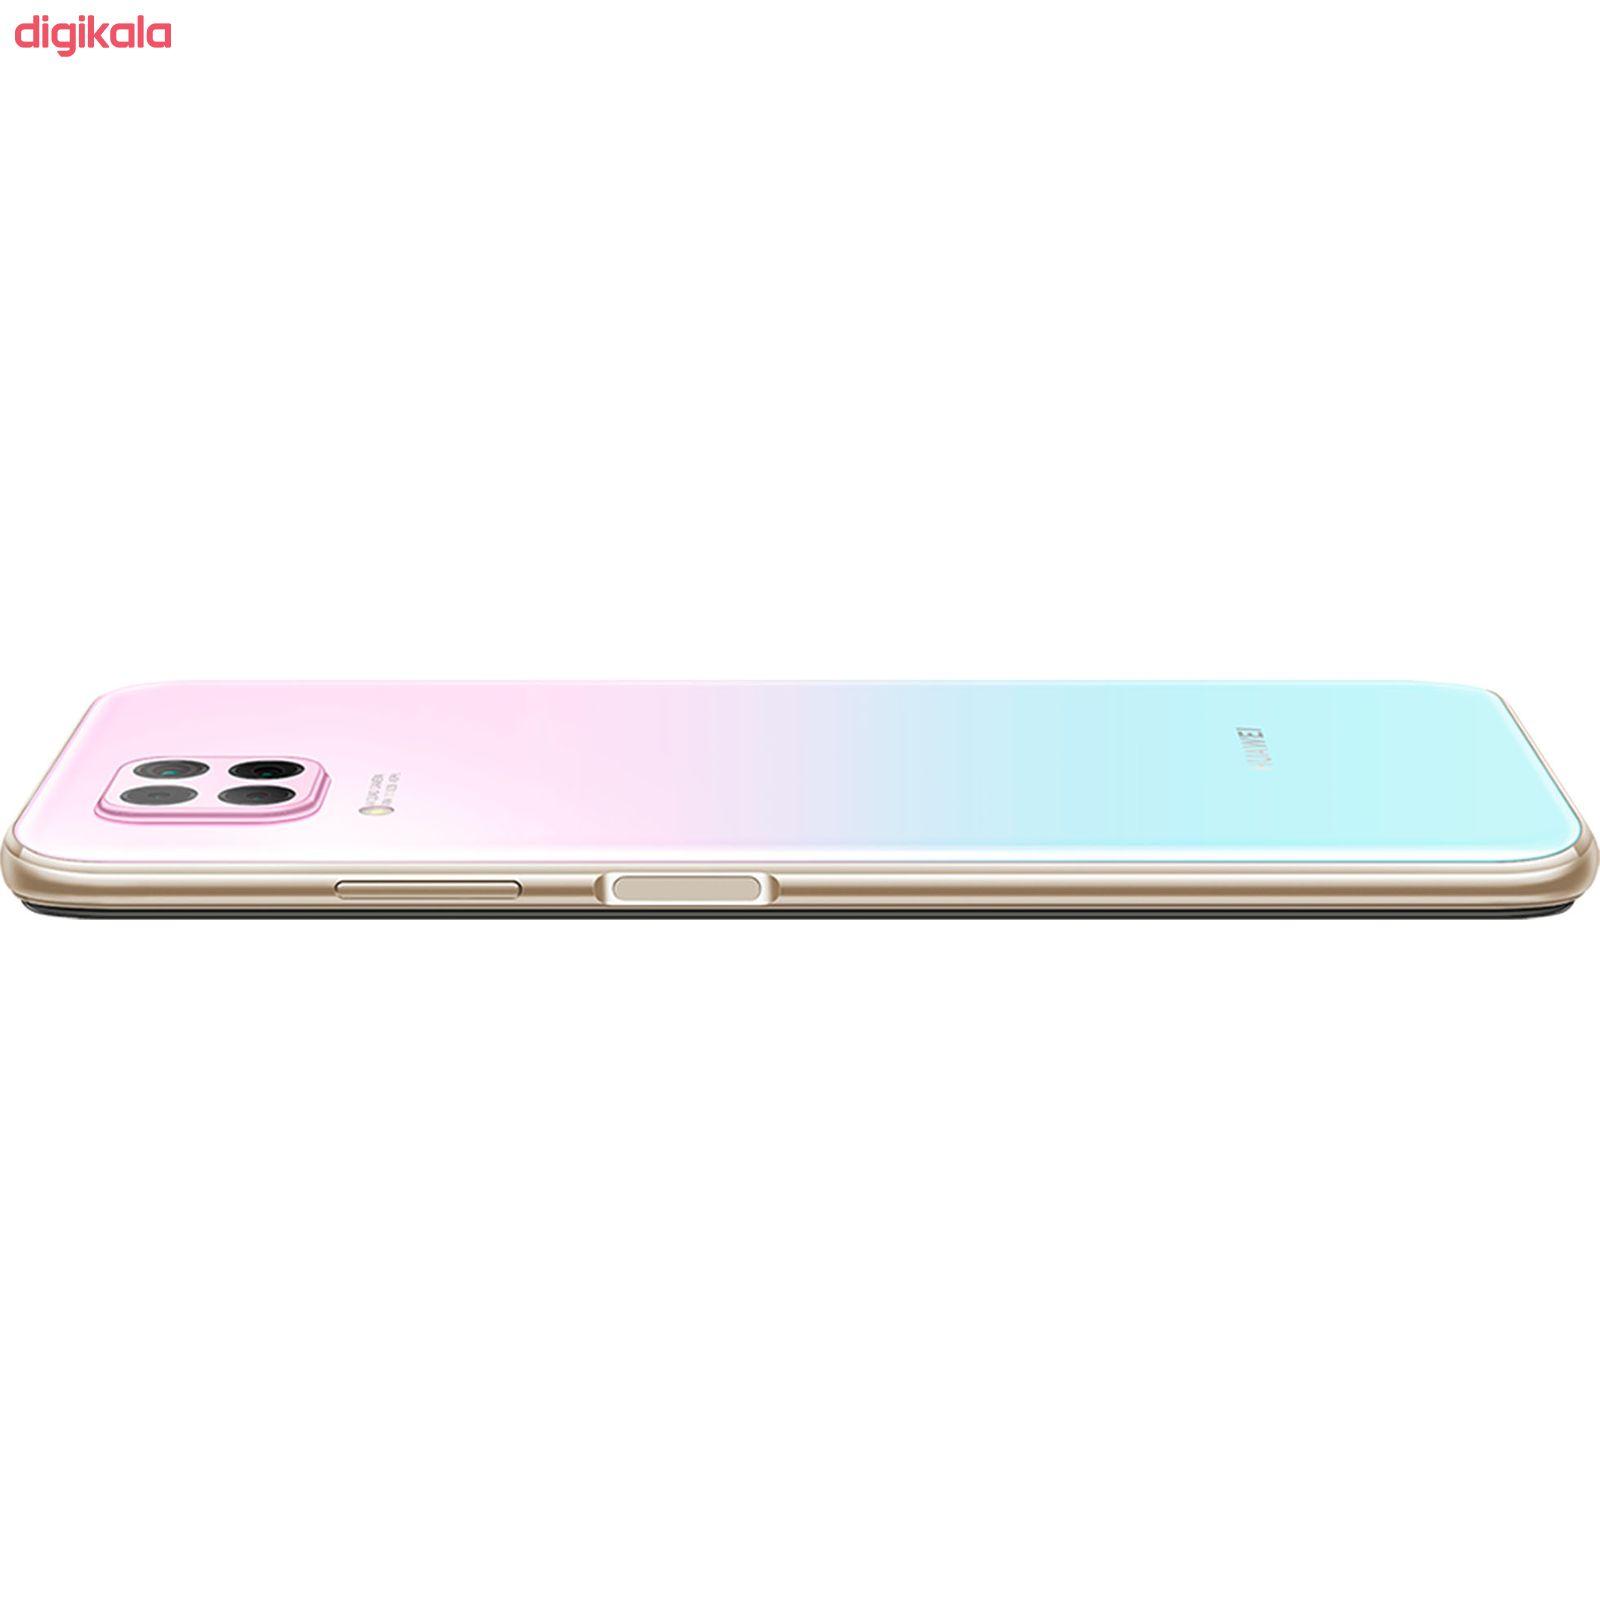 گوشی موبایل هوآوی مدل Nova 7i JNY-LX1 دو سیم کارت ظرفیت 128 گیگابایت به همراه شارژر همراه هدیه main 1 25